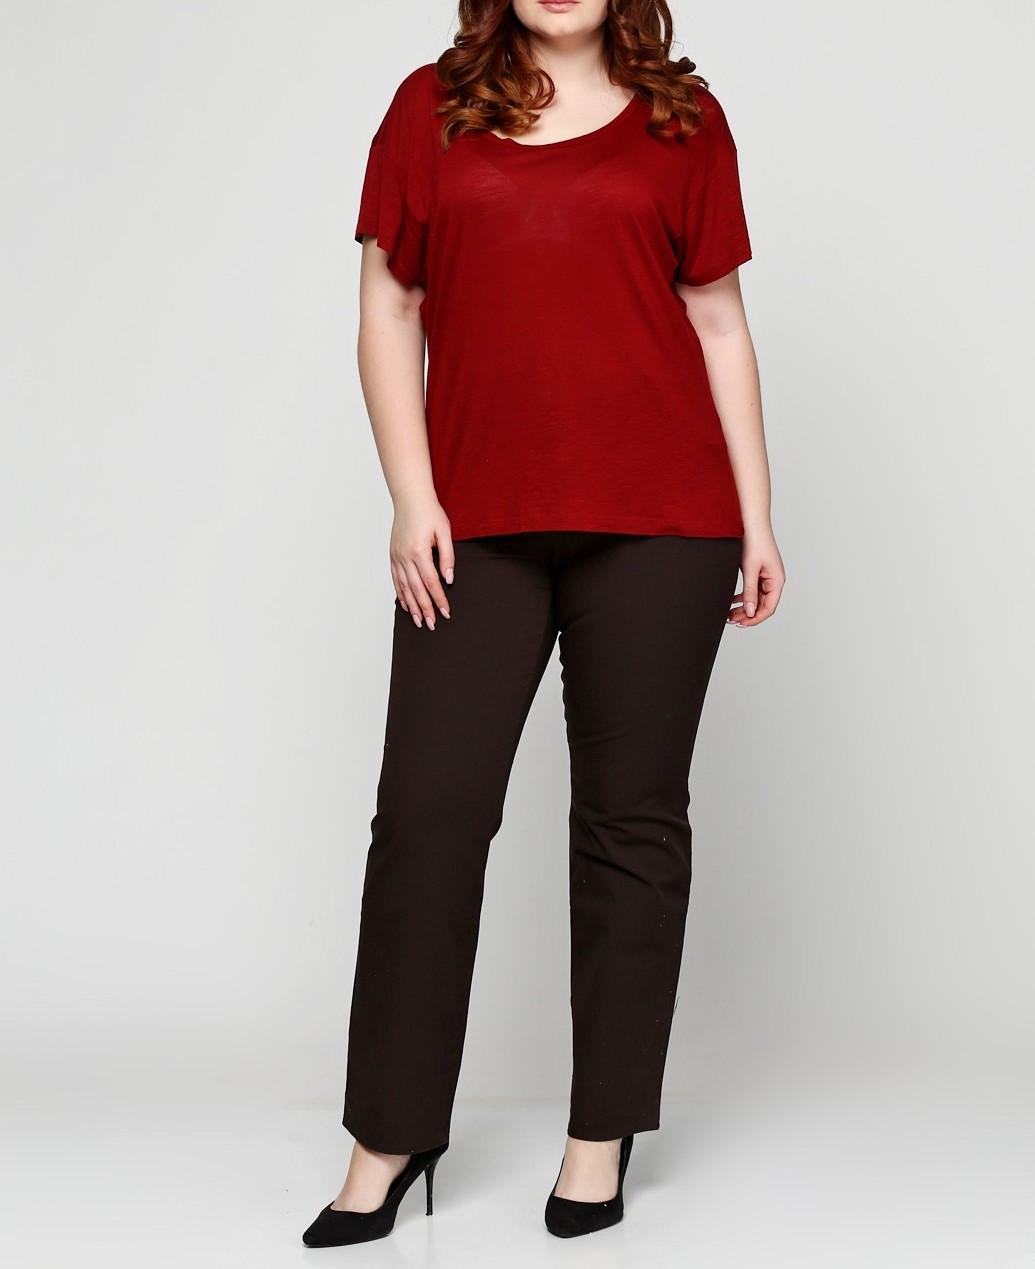 Женские штаны Gerry Weber 44S Темно-коричневый (290055045019), фото 1